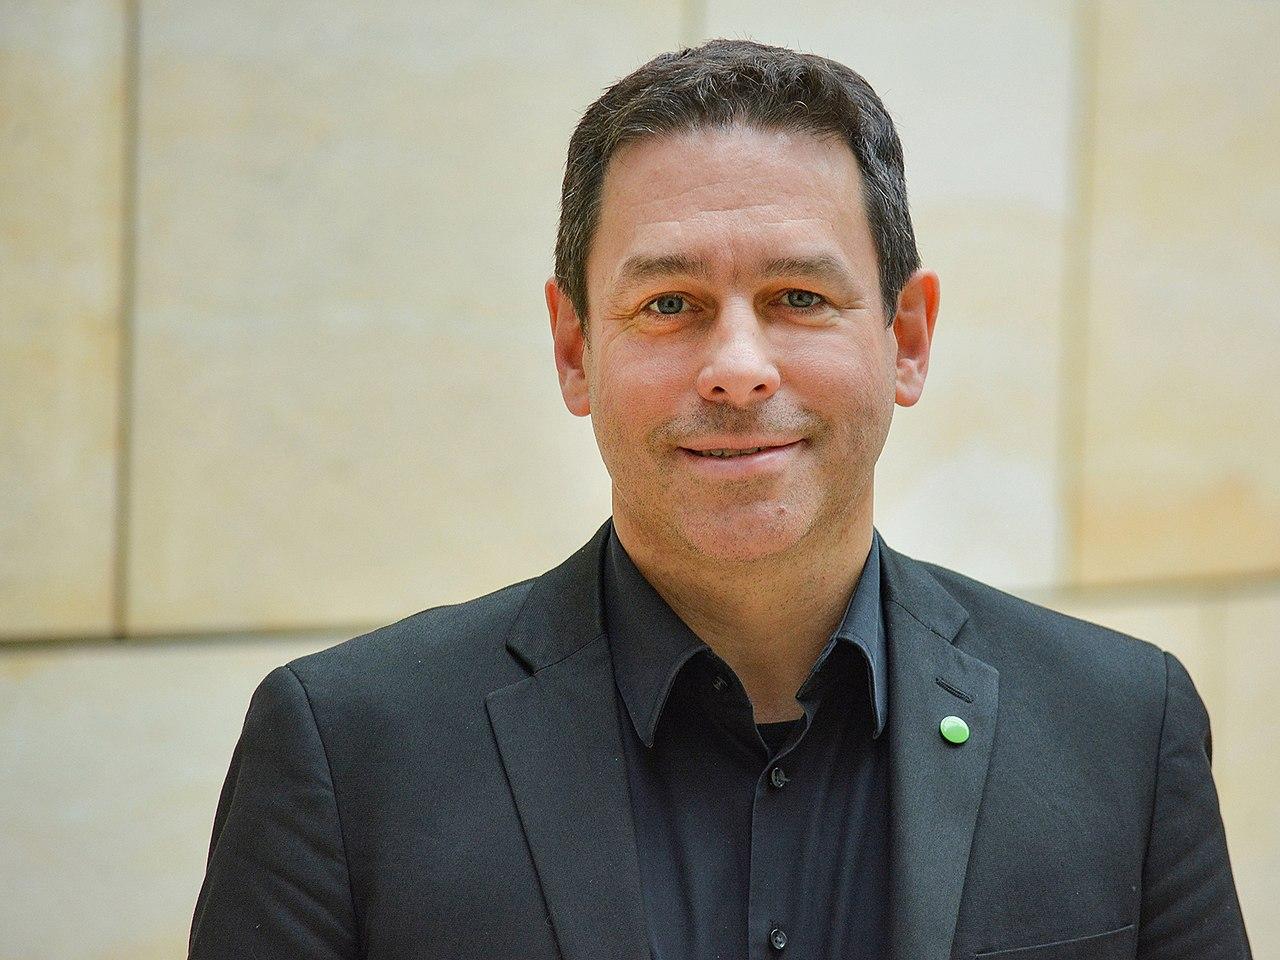 Arndt Klocke, verkehrspolitischer Sprecher der Grünen-Fraktion im Landtag